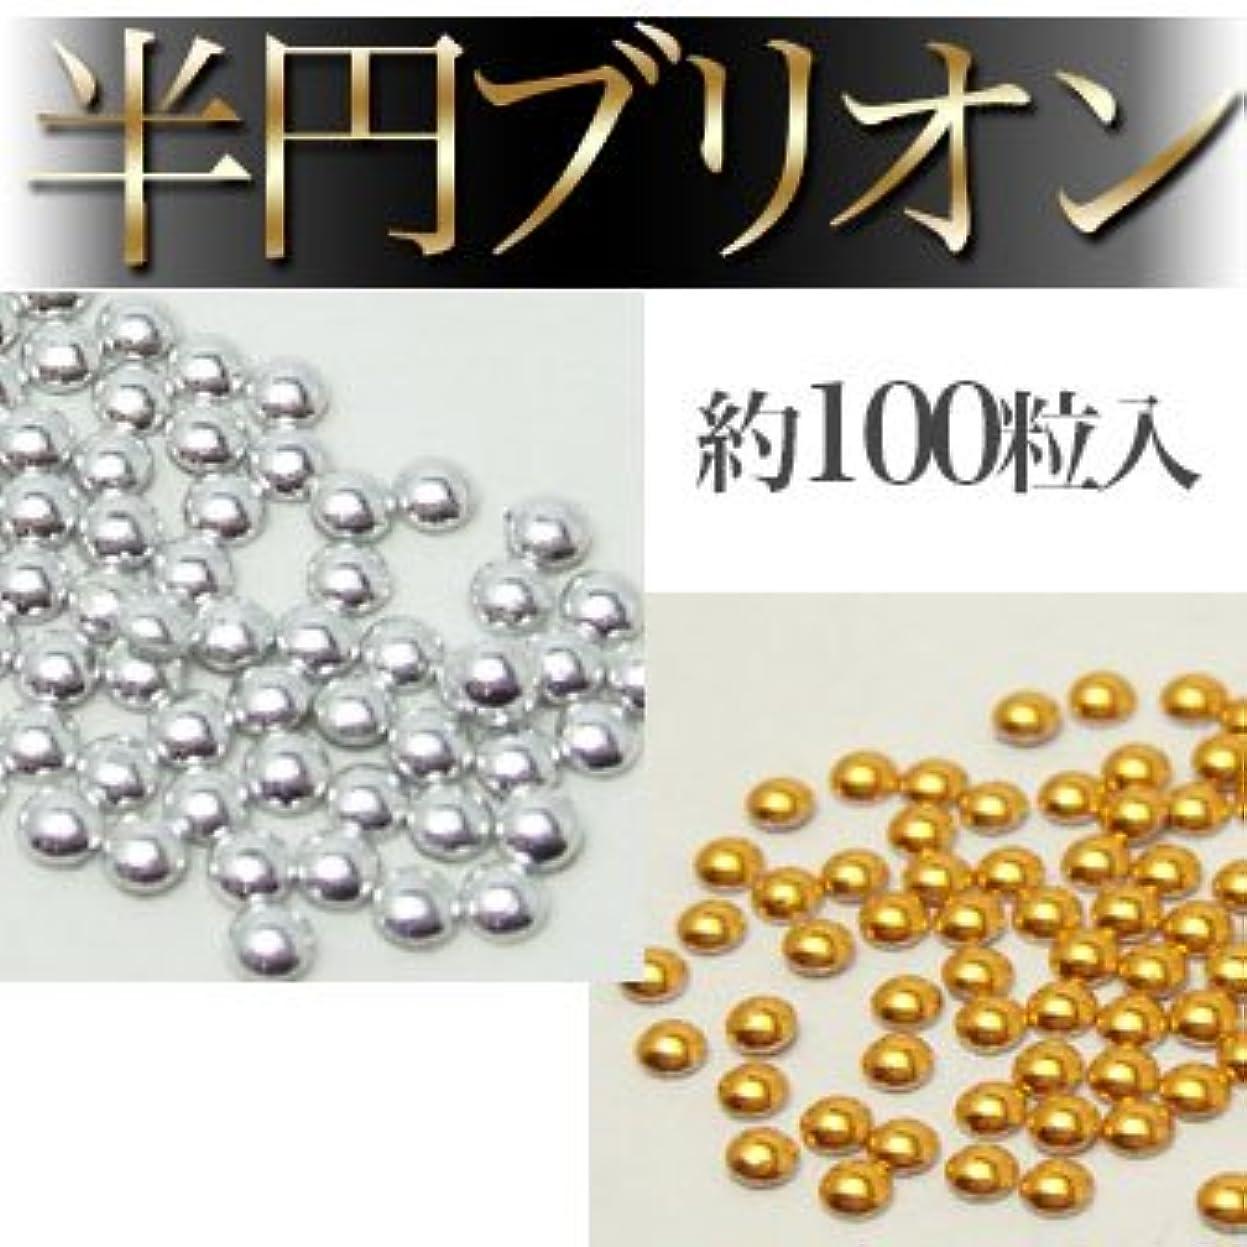 セットするシネマ脅かす半円ブリオン 半丸型 1.5mm 100粒 (シルバー)